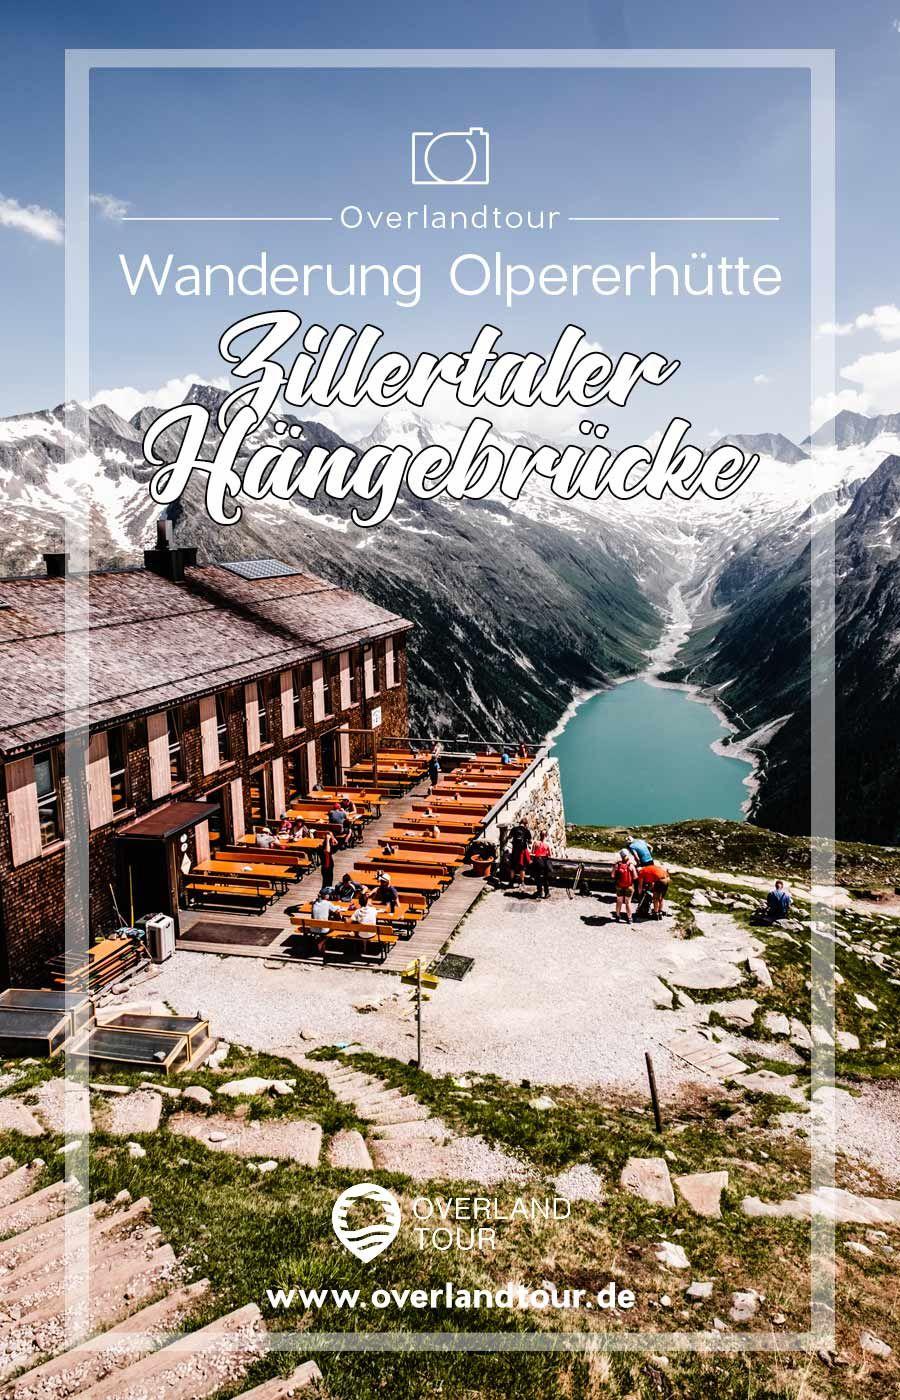 Wanderung Olpererhutte Kebema Panorama Brucke Overlandtour In 2020 Reisen Allgemein Reise Um Die Welt Hangebrucke